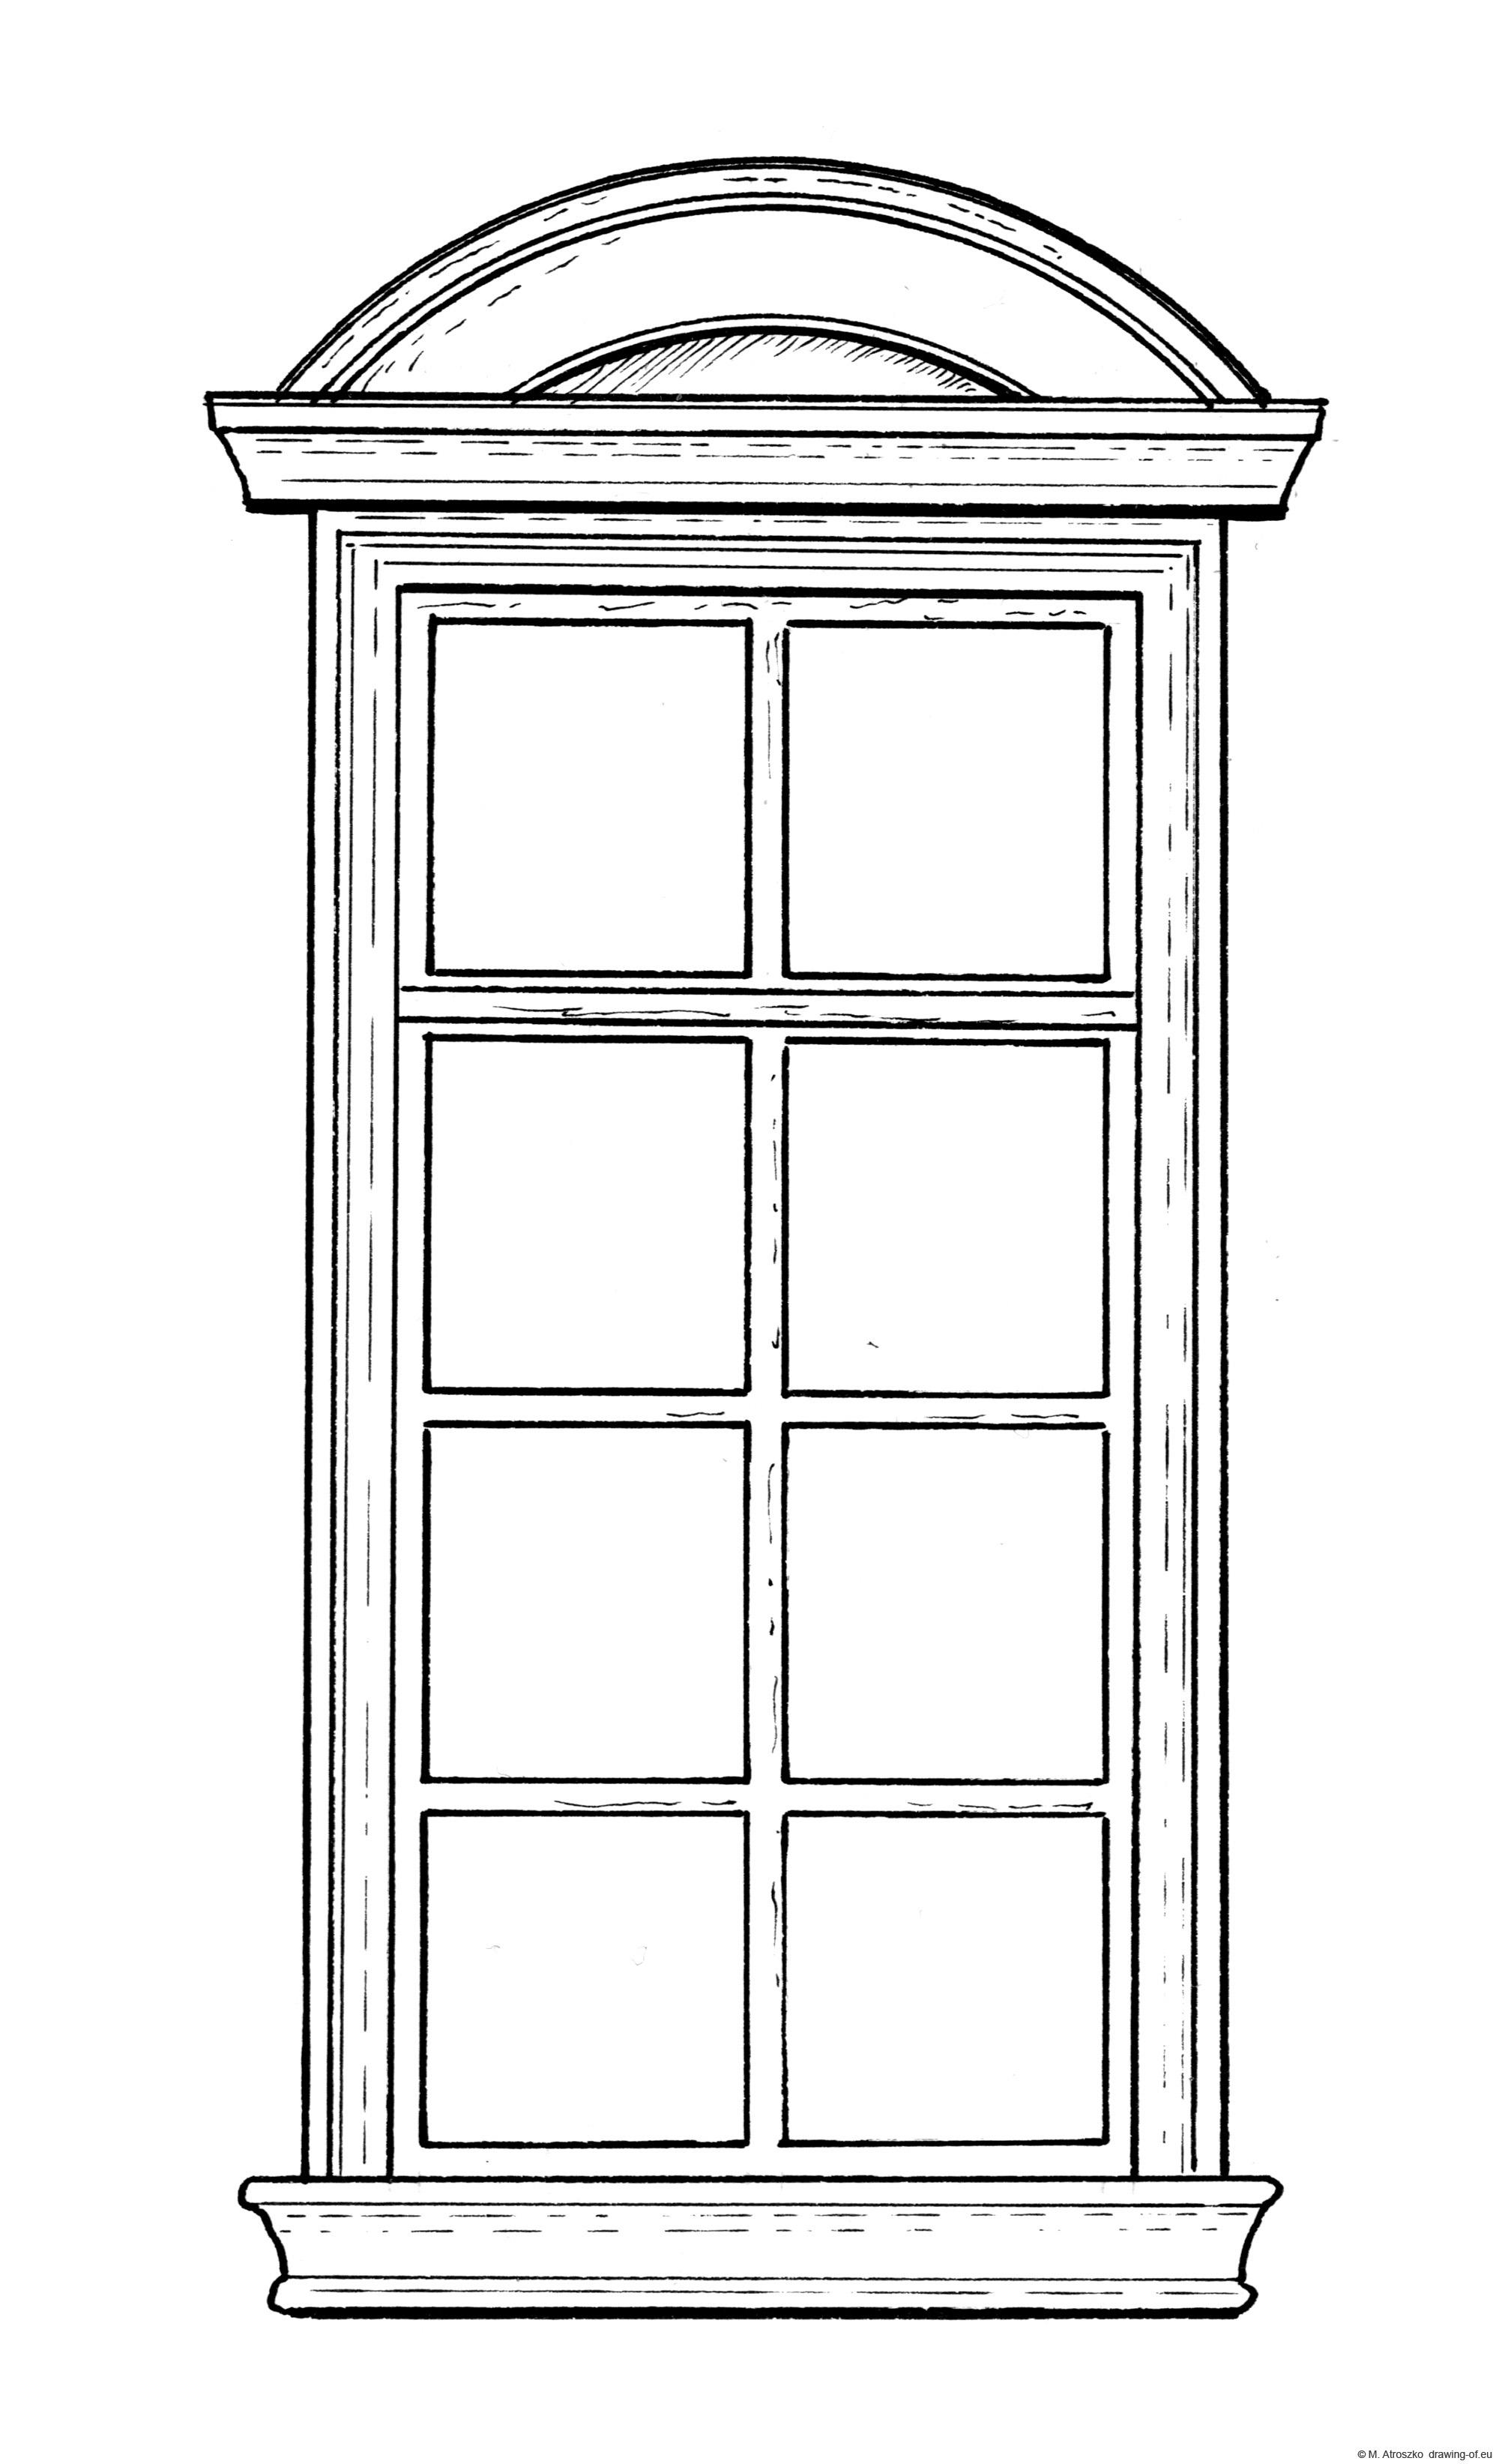 Brownstone window - draw